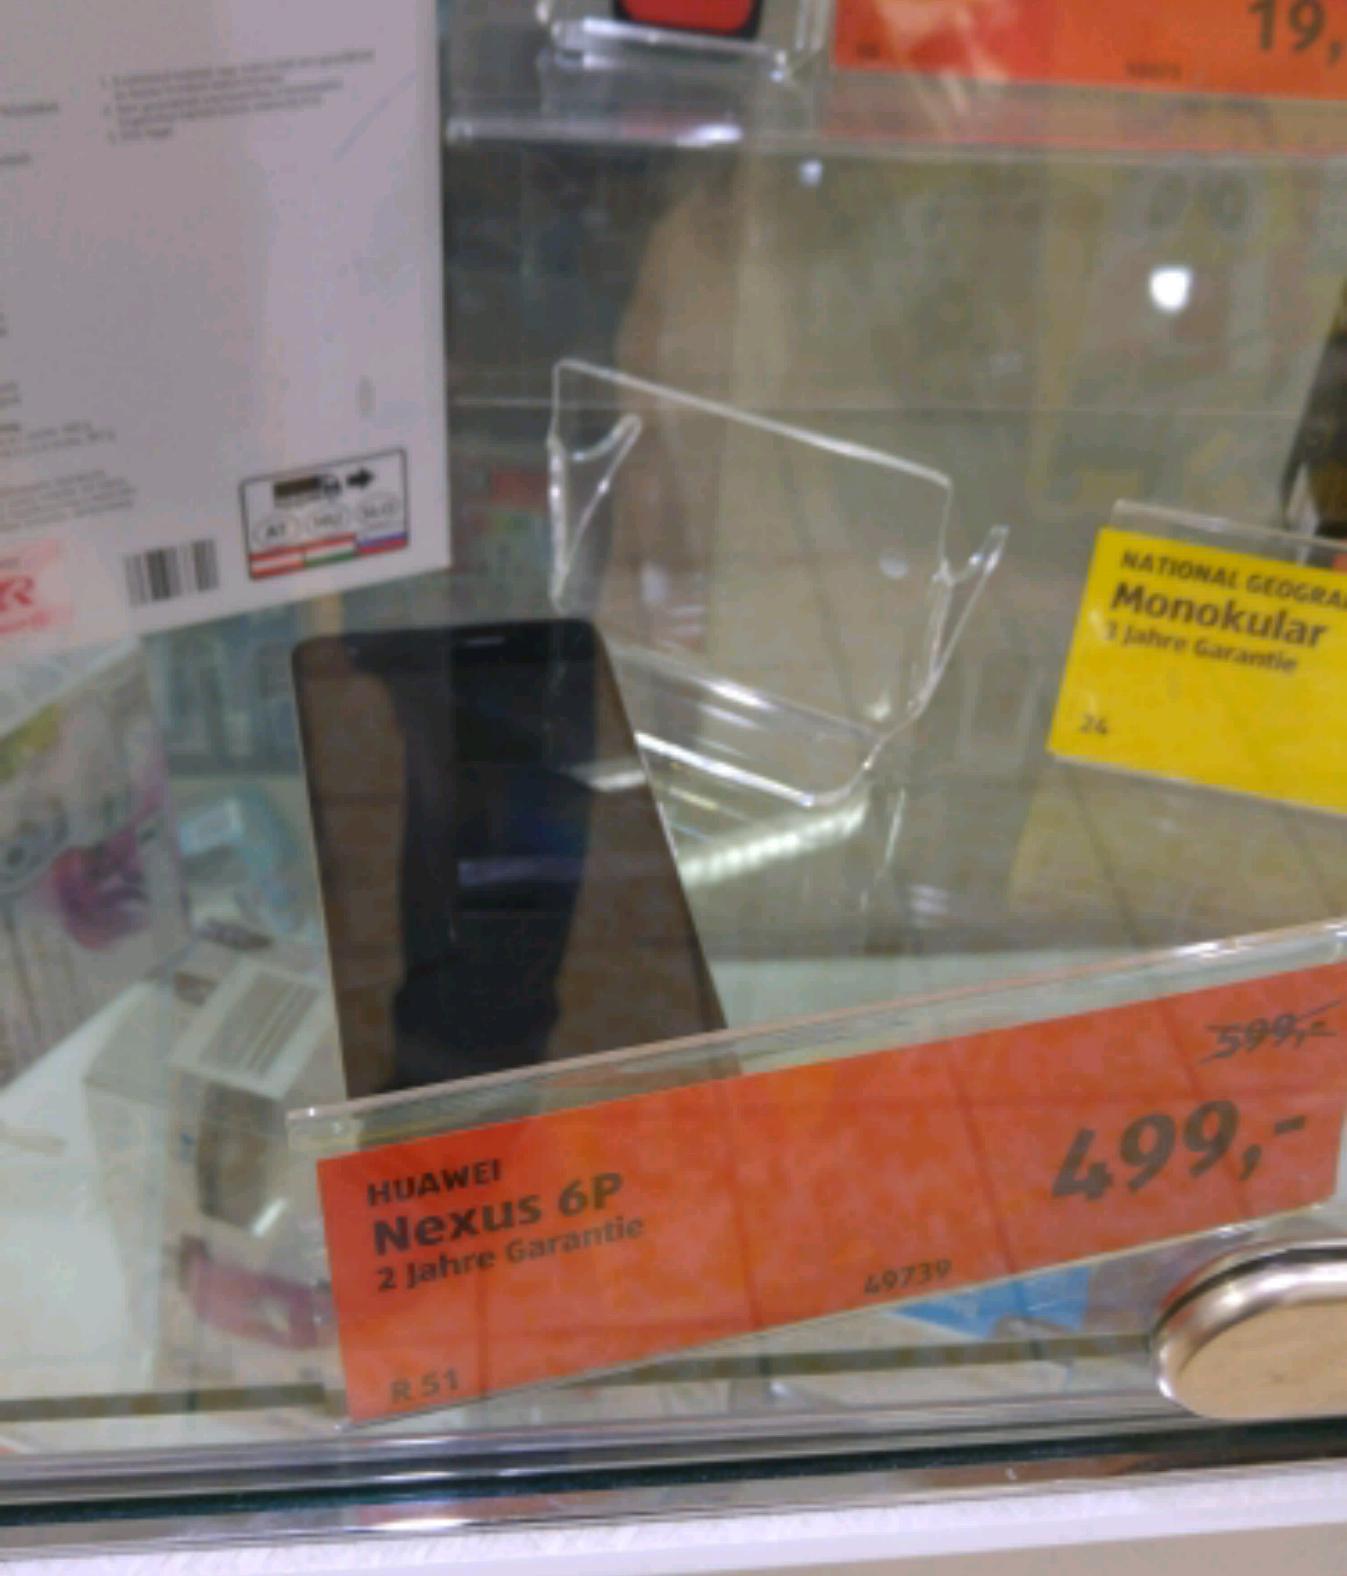 Google Nexus 6P (32 GB) um € 499